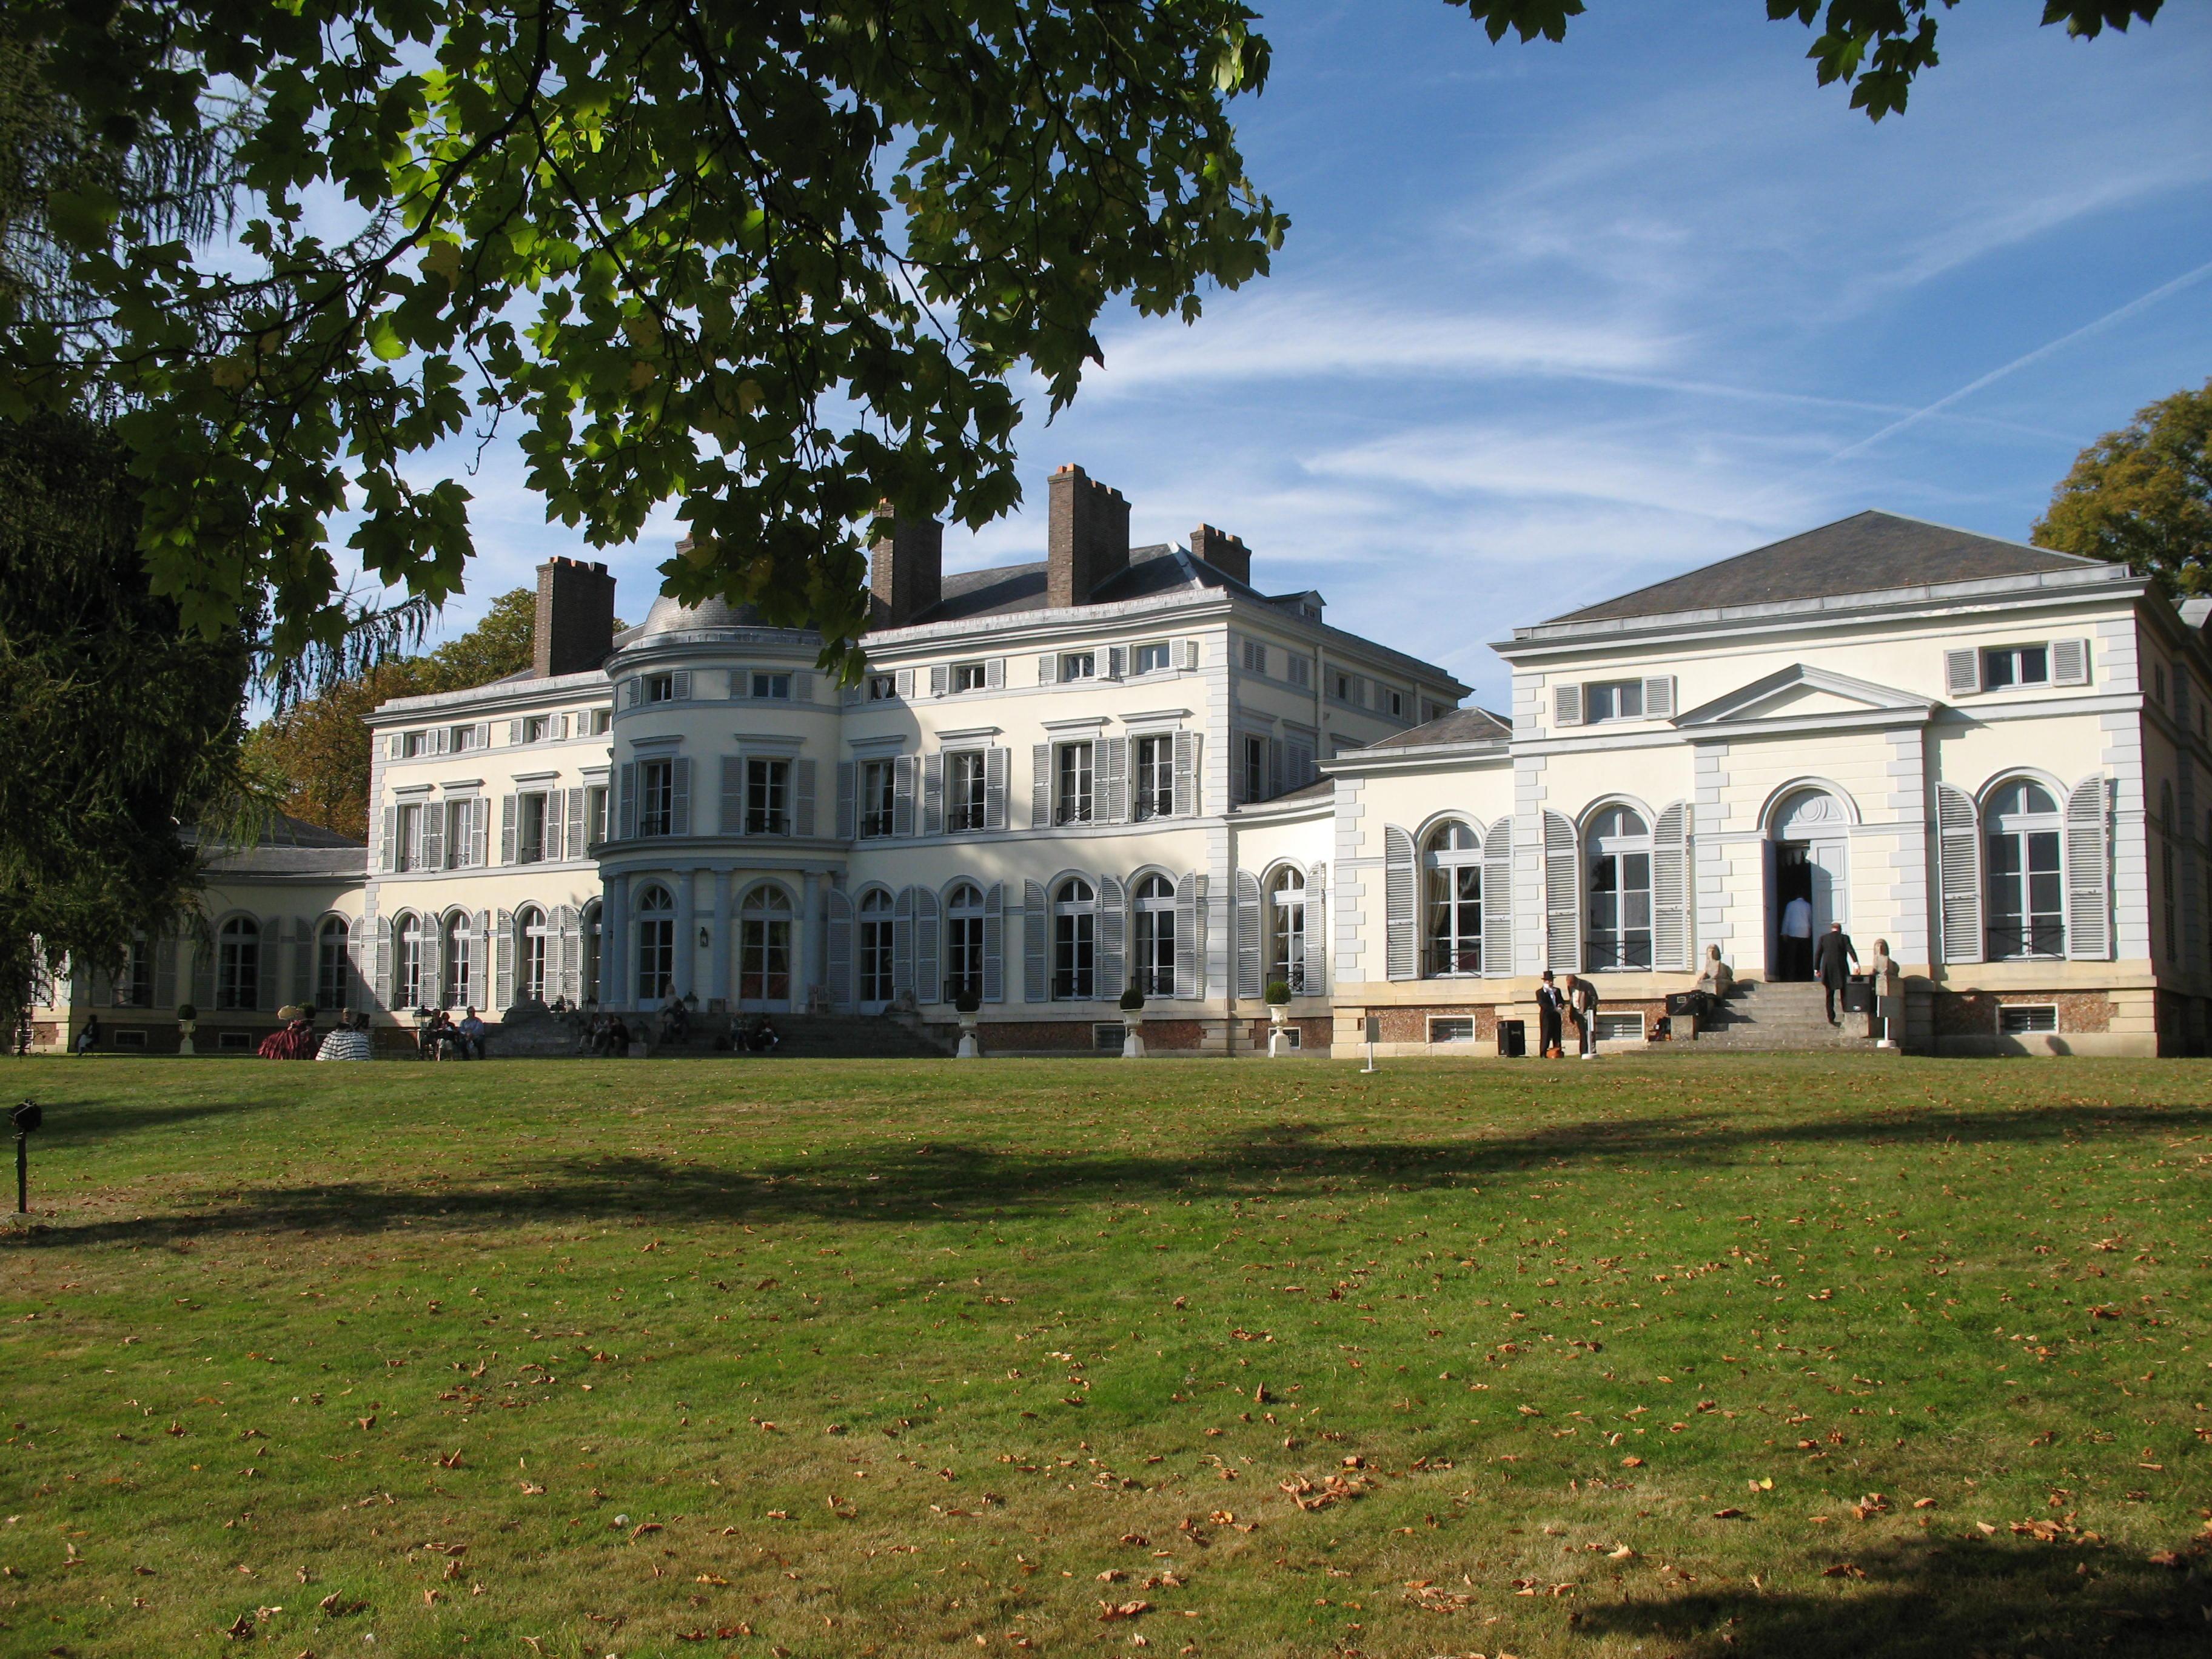 620-chateau-de-groussay-(montfort-l'amaury).jpg